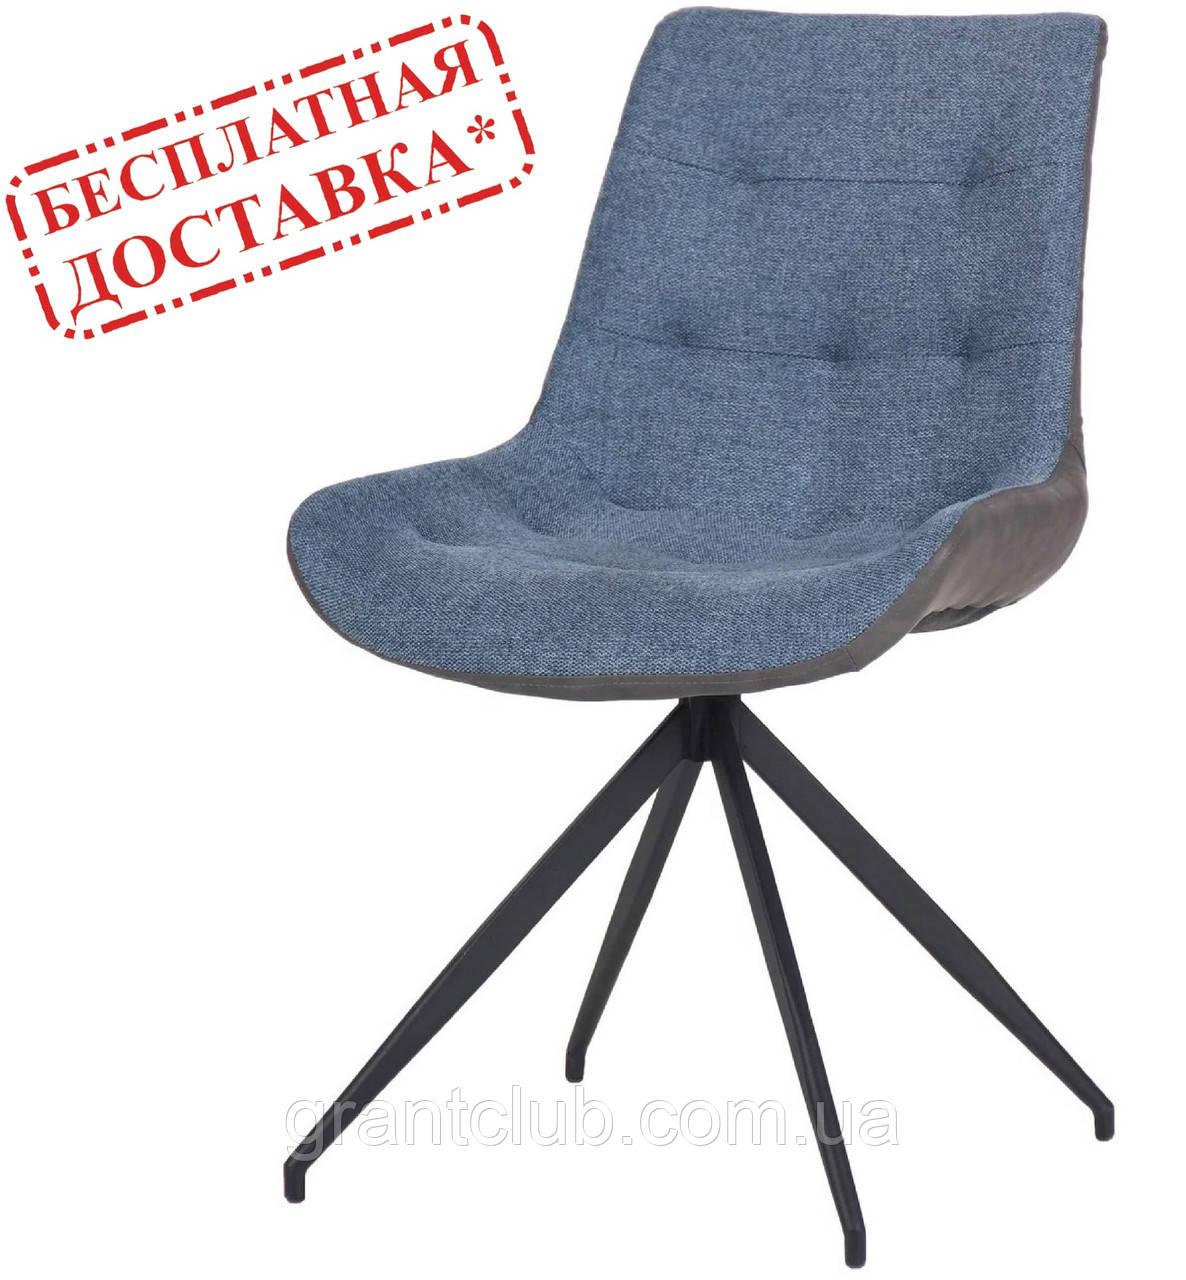 Мягкий стул поворотный AURORA черный/меланж океан AMF (бесплатная адресная доставка)